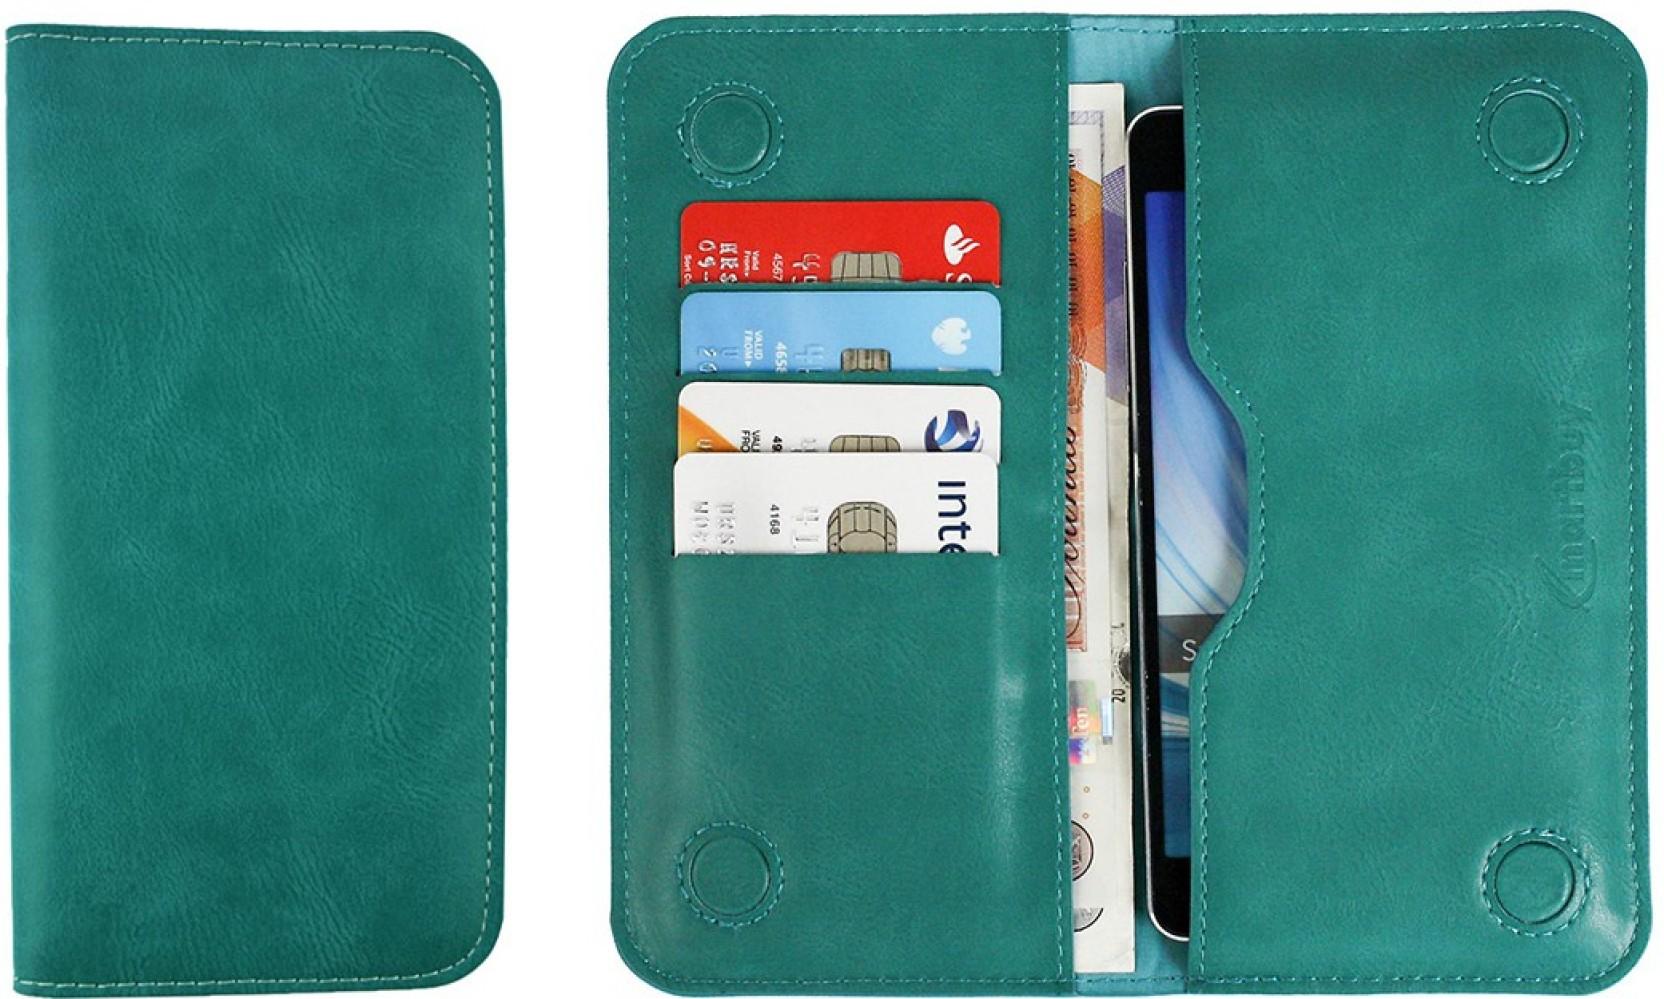 Emartbuy Wallet Case Cover for Black Fox B5 - Emartbuy : Flipkart com